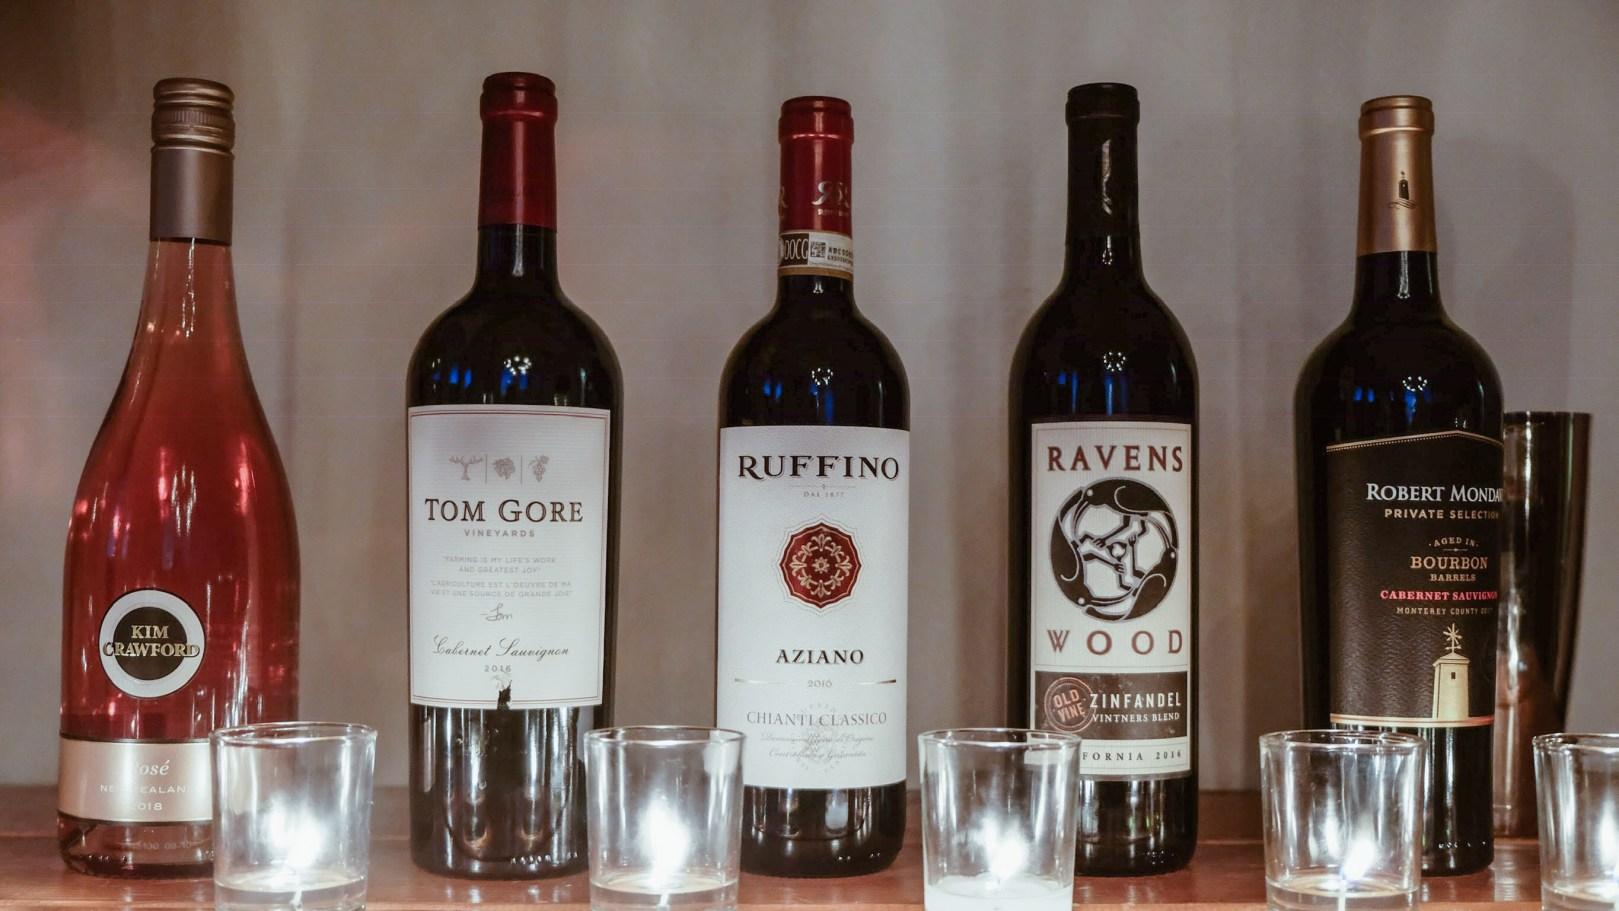 Photo vins Tom Gore pour Ruffino pour Ravenswood